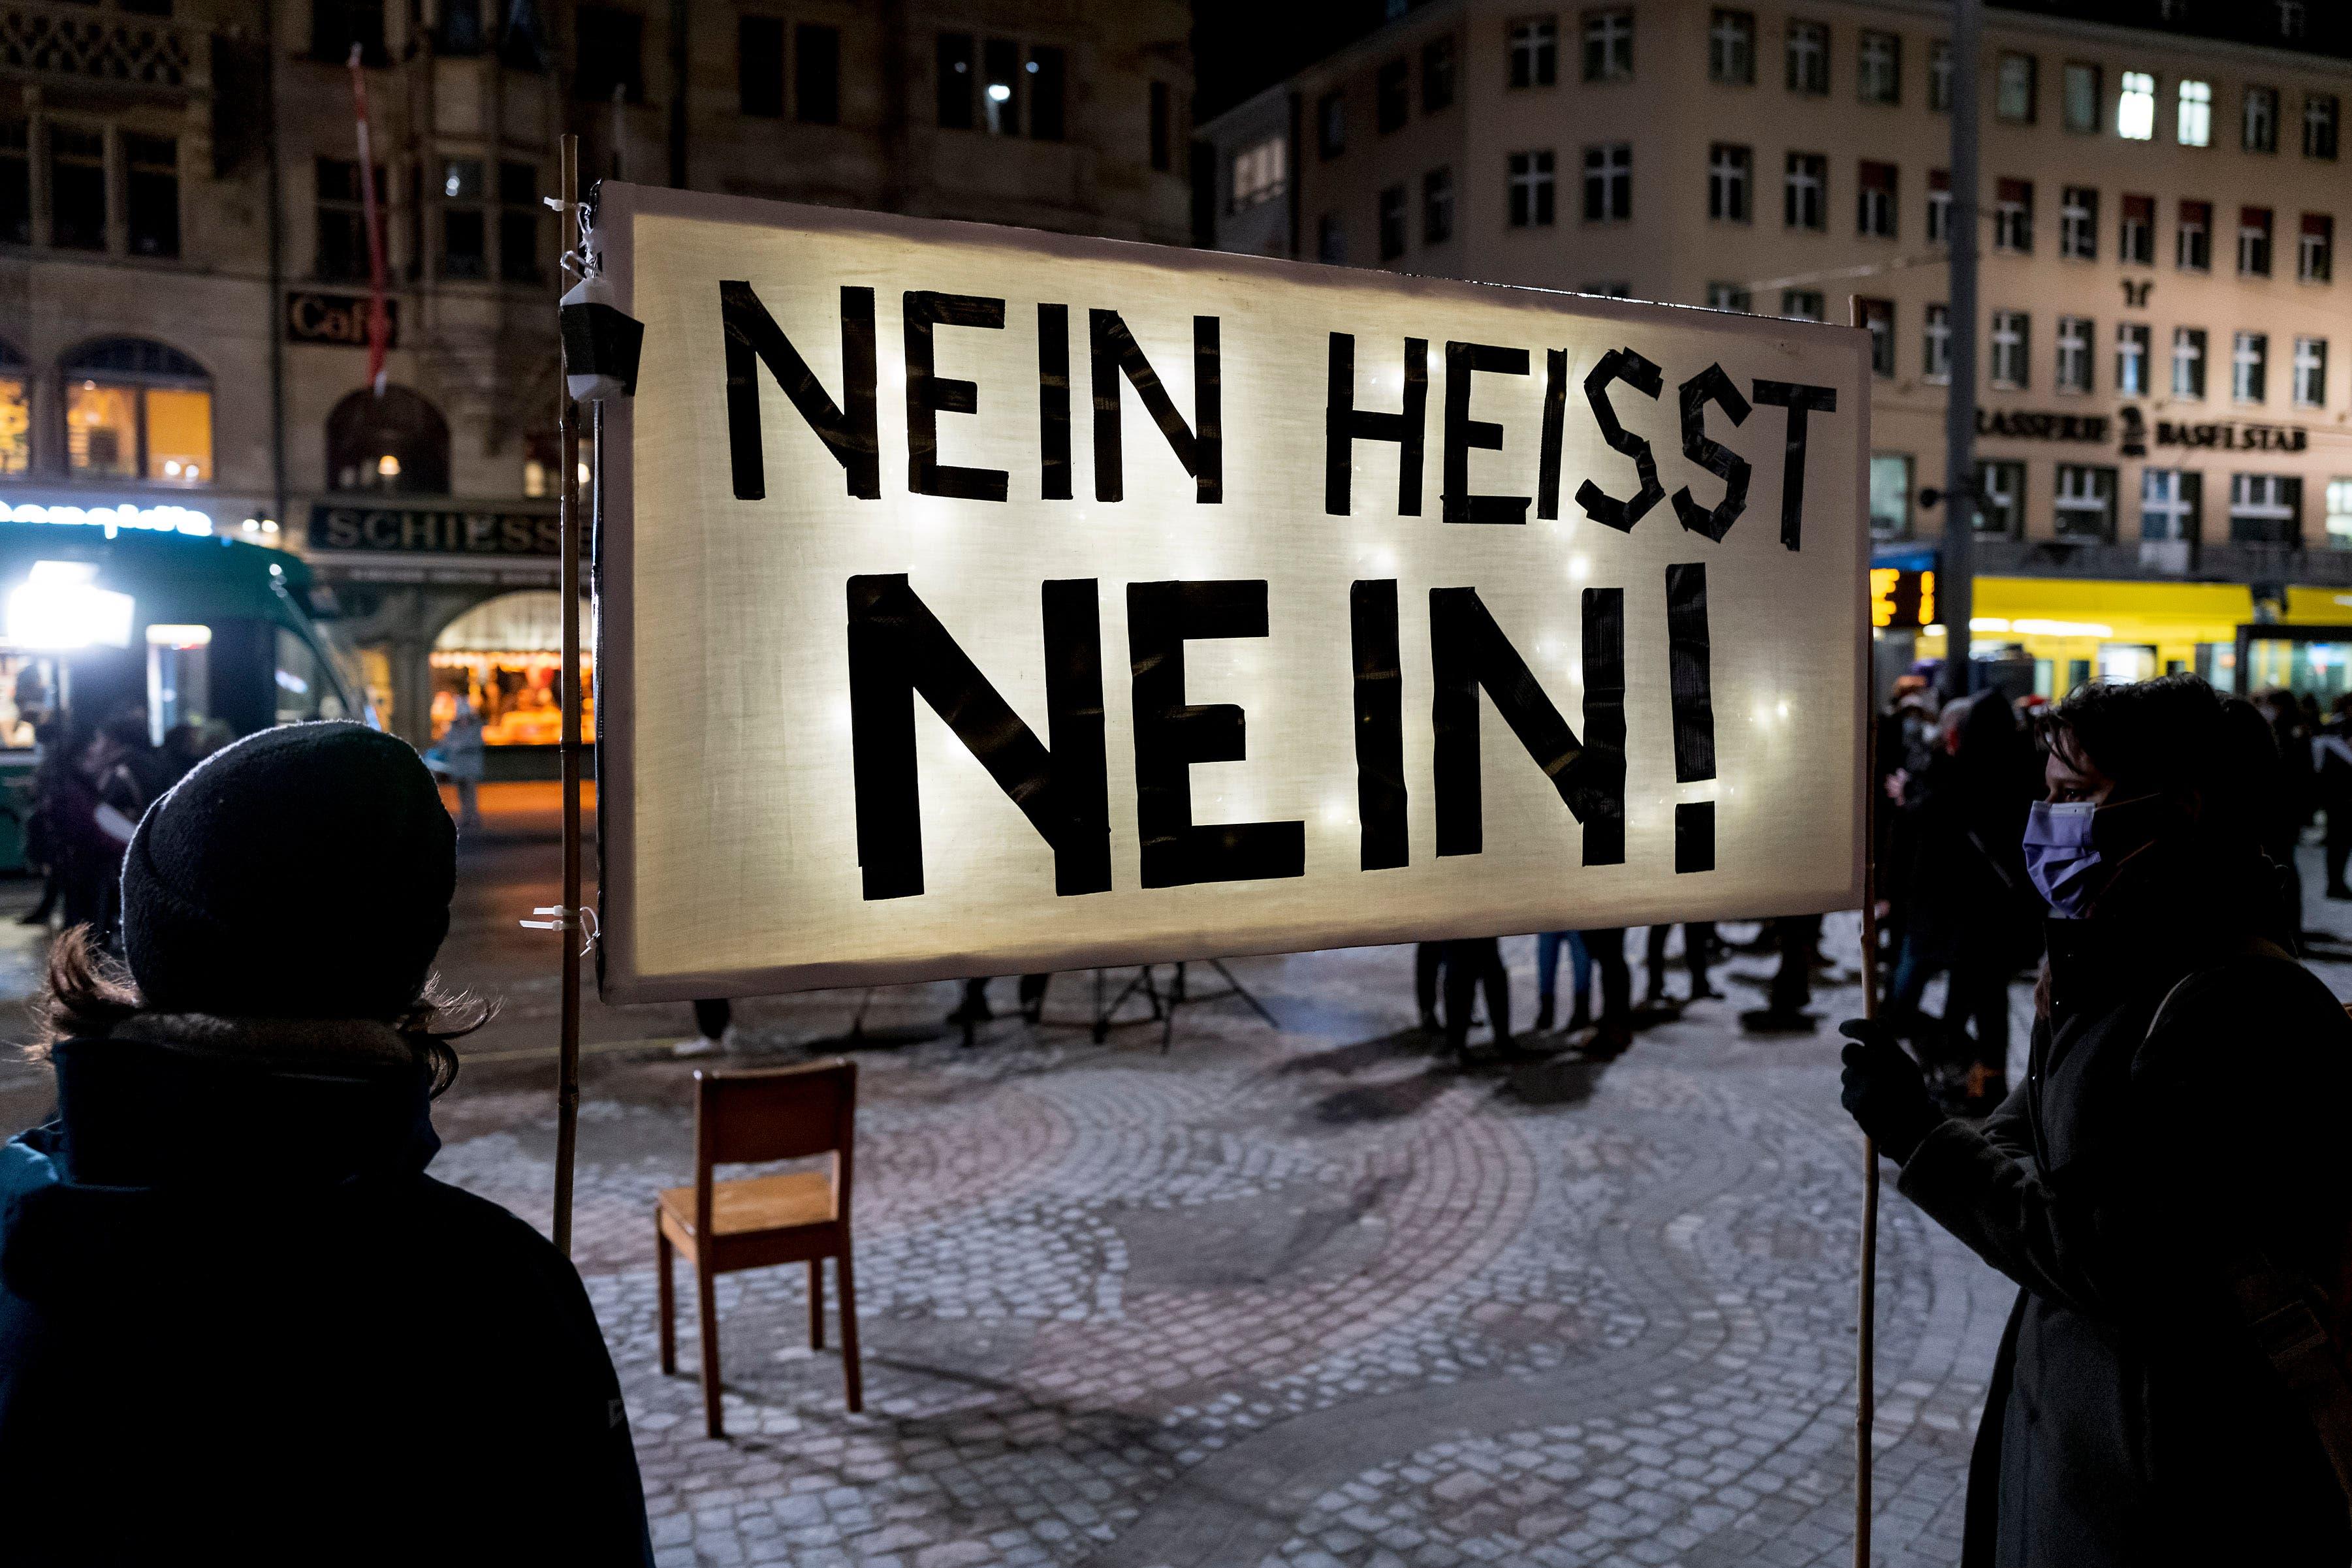 Das Thema der Kundgebung: Nein heisst Nein!